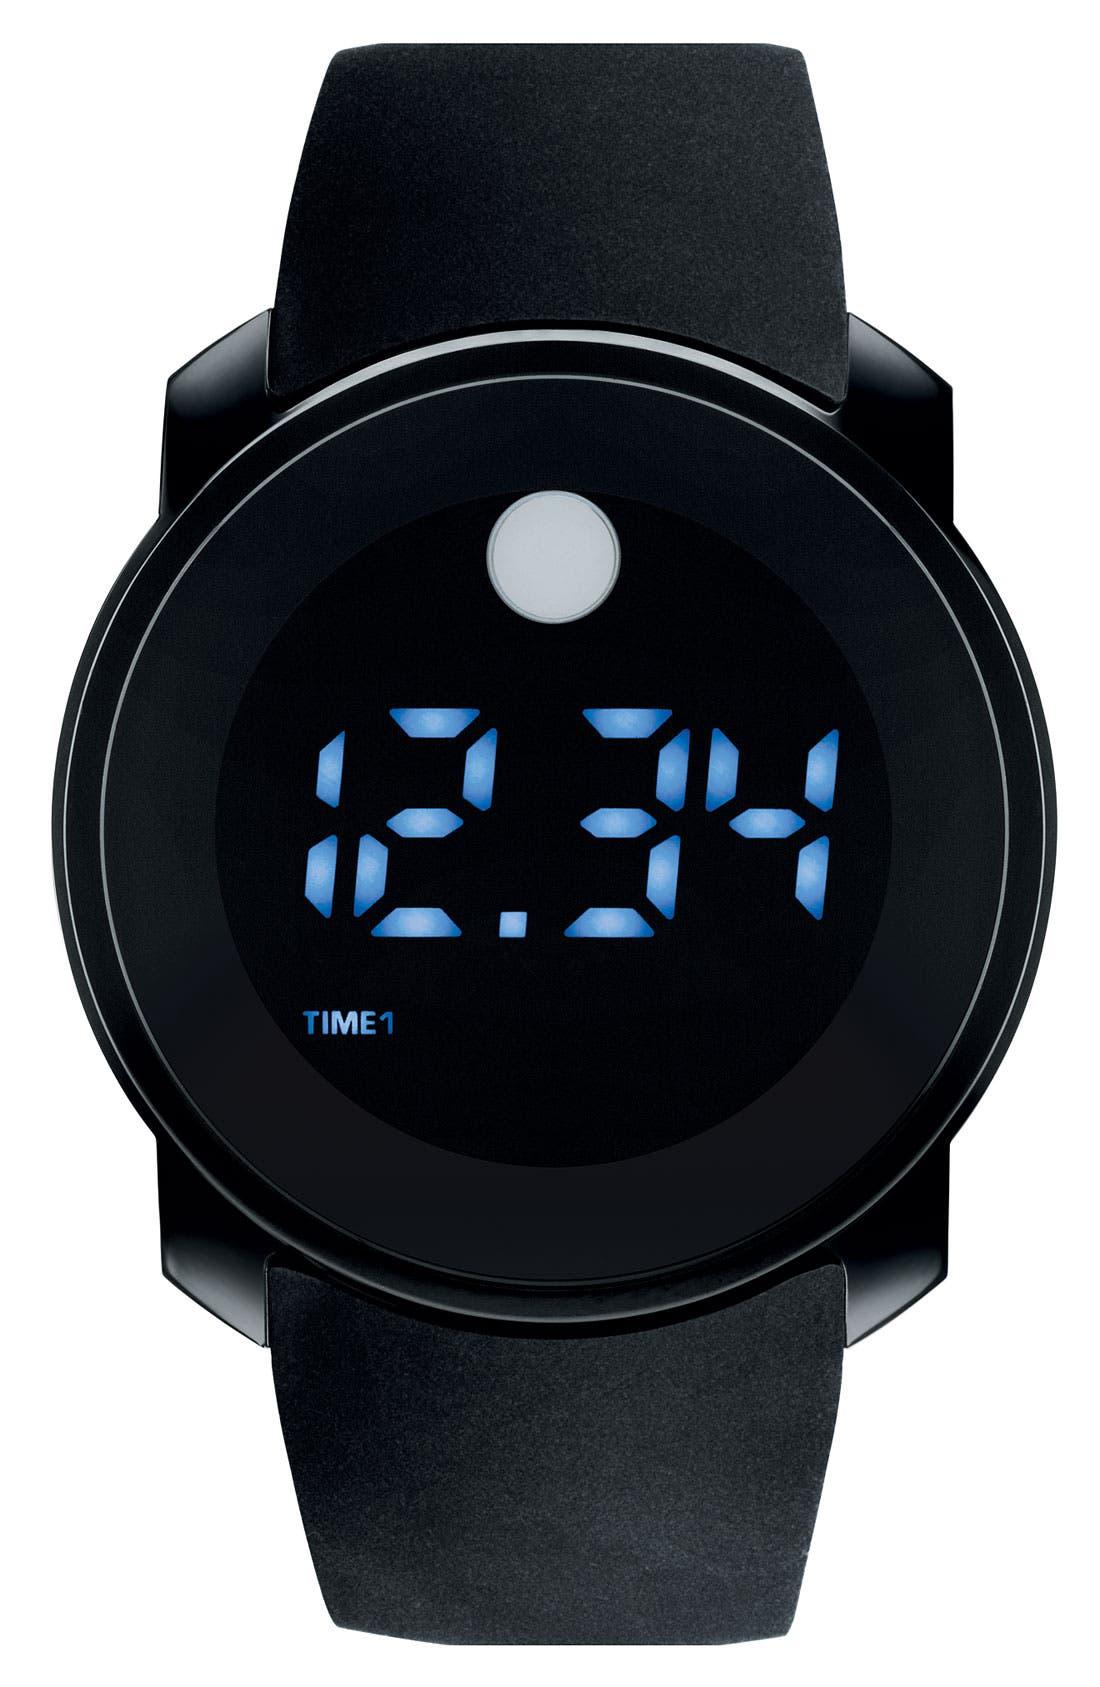 MOVADO Digital Rubber Strap Watch, Main, color, 001